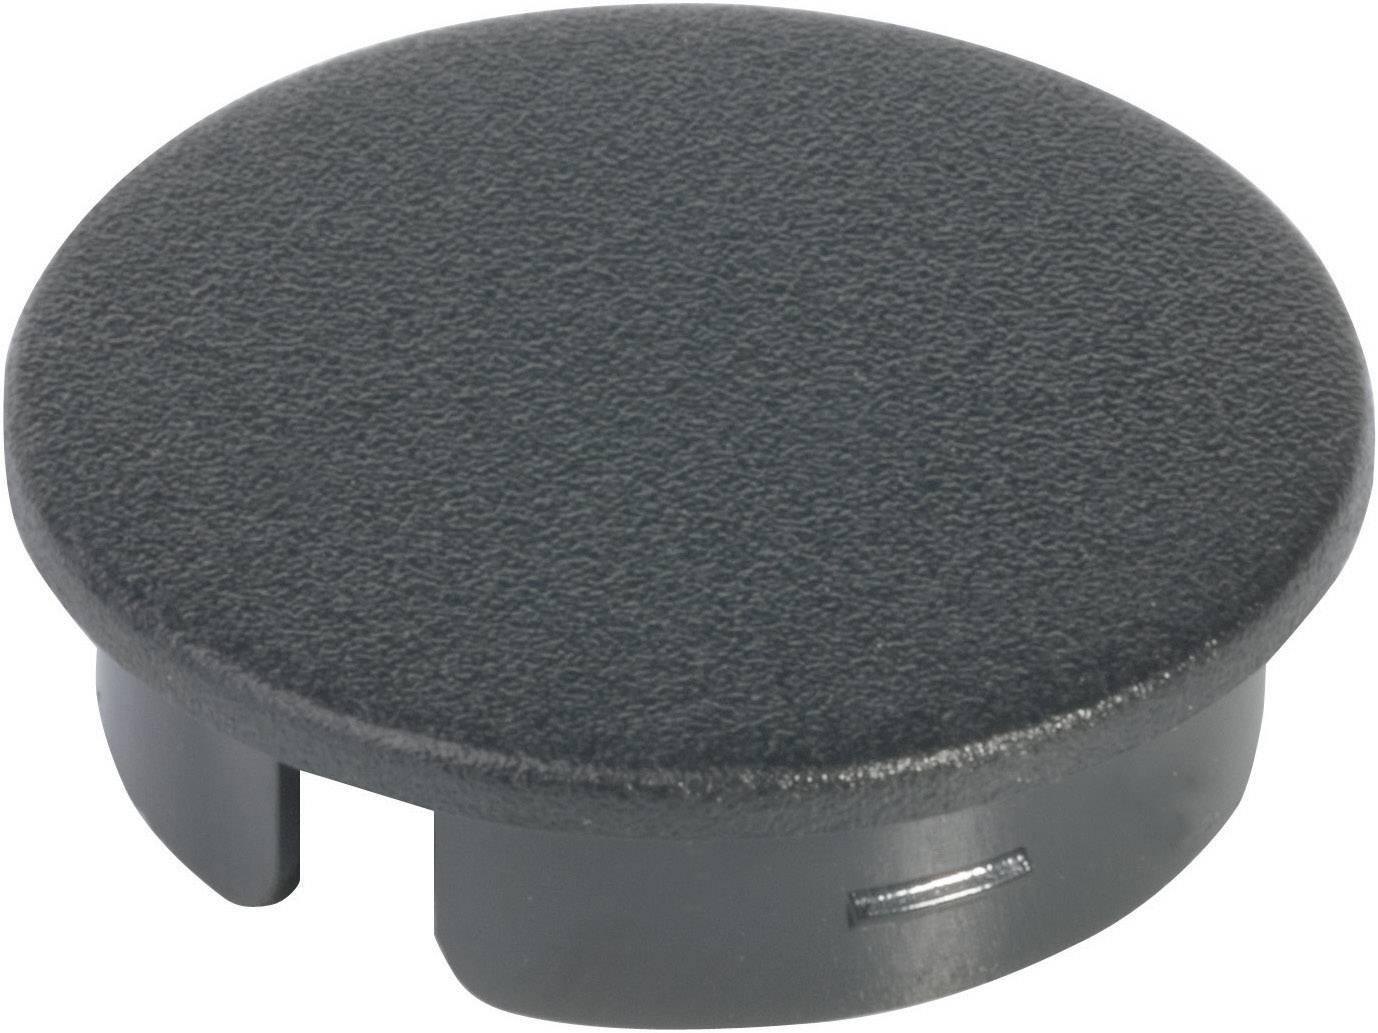 Krytka na otočný knoflík s ukazatelem OKW, pro knoflíky/O 13,5 mm, černá